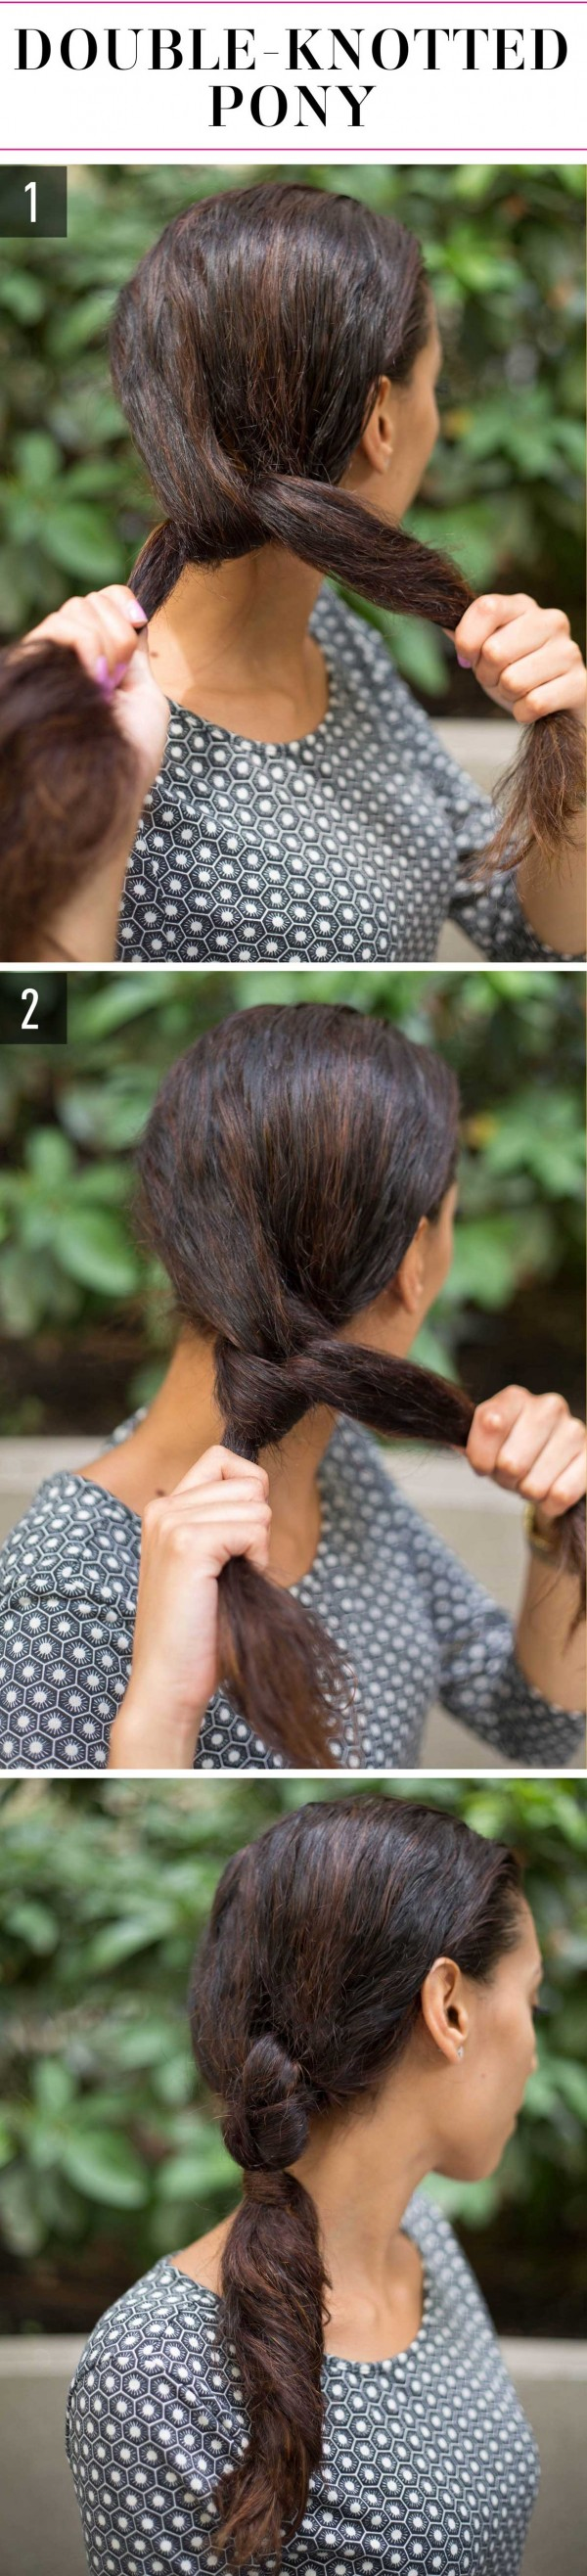 nudo cabello